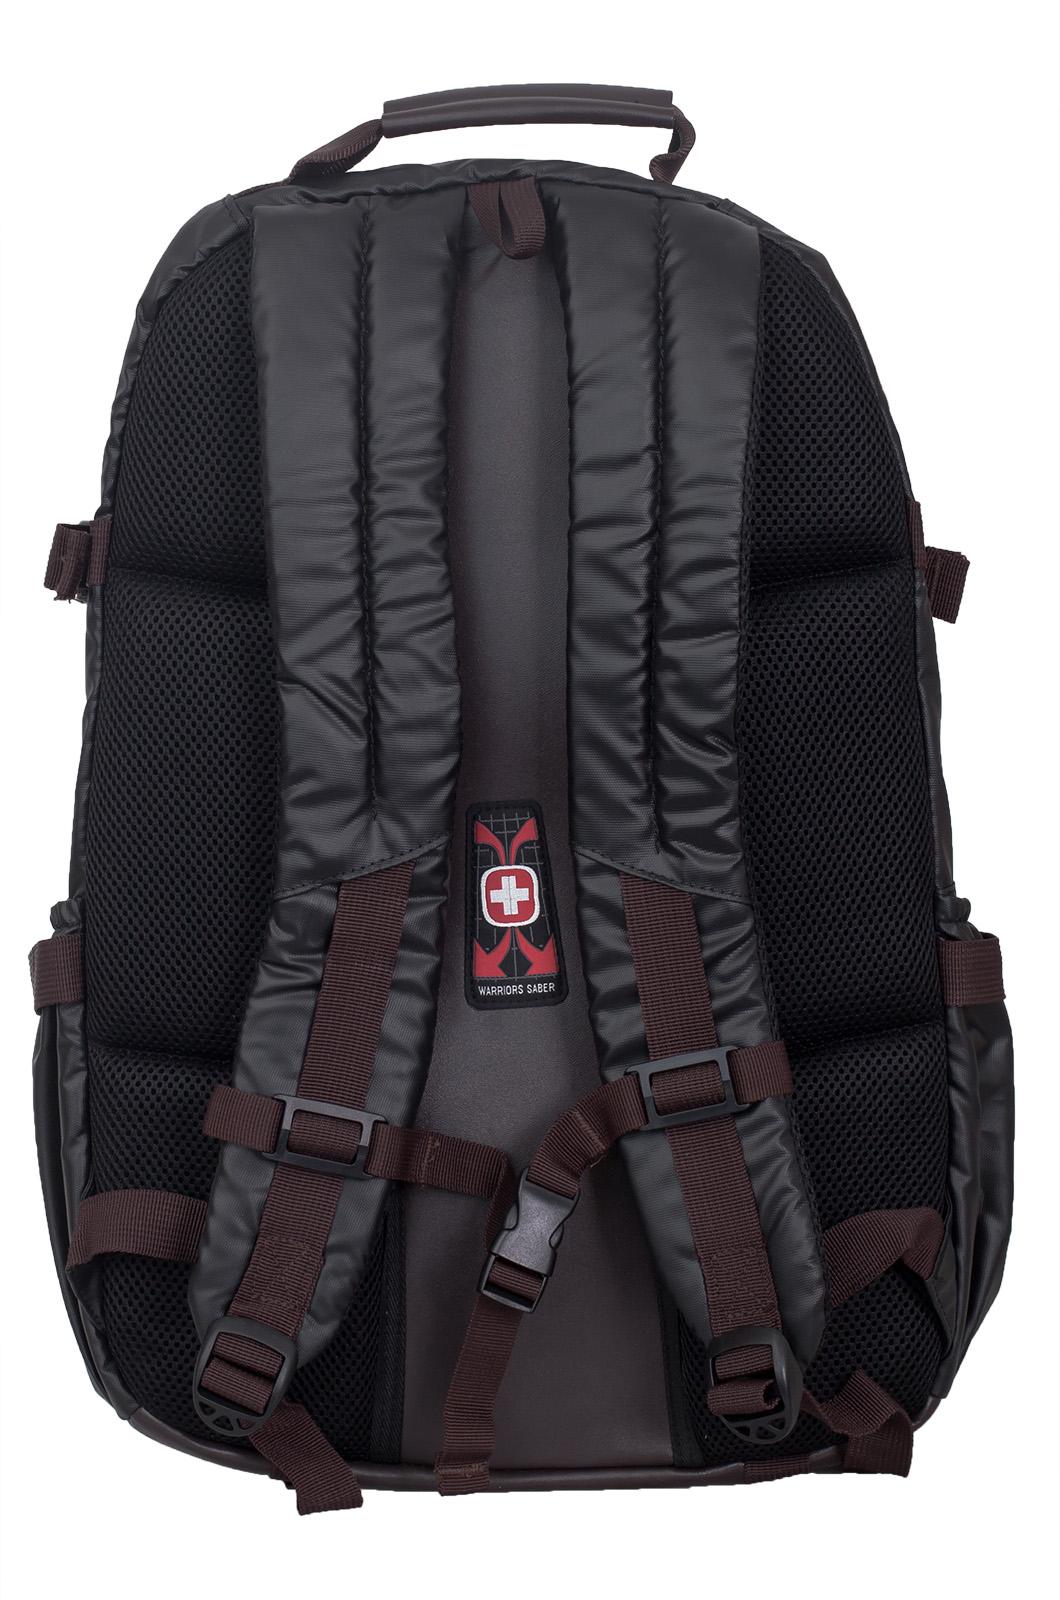 Купить городской черный рюкзак с нашивкой Пограничной службы с удобной доставкой в ваш город